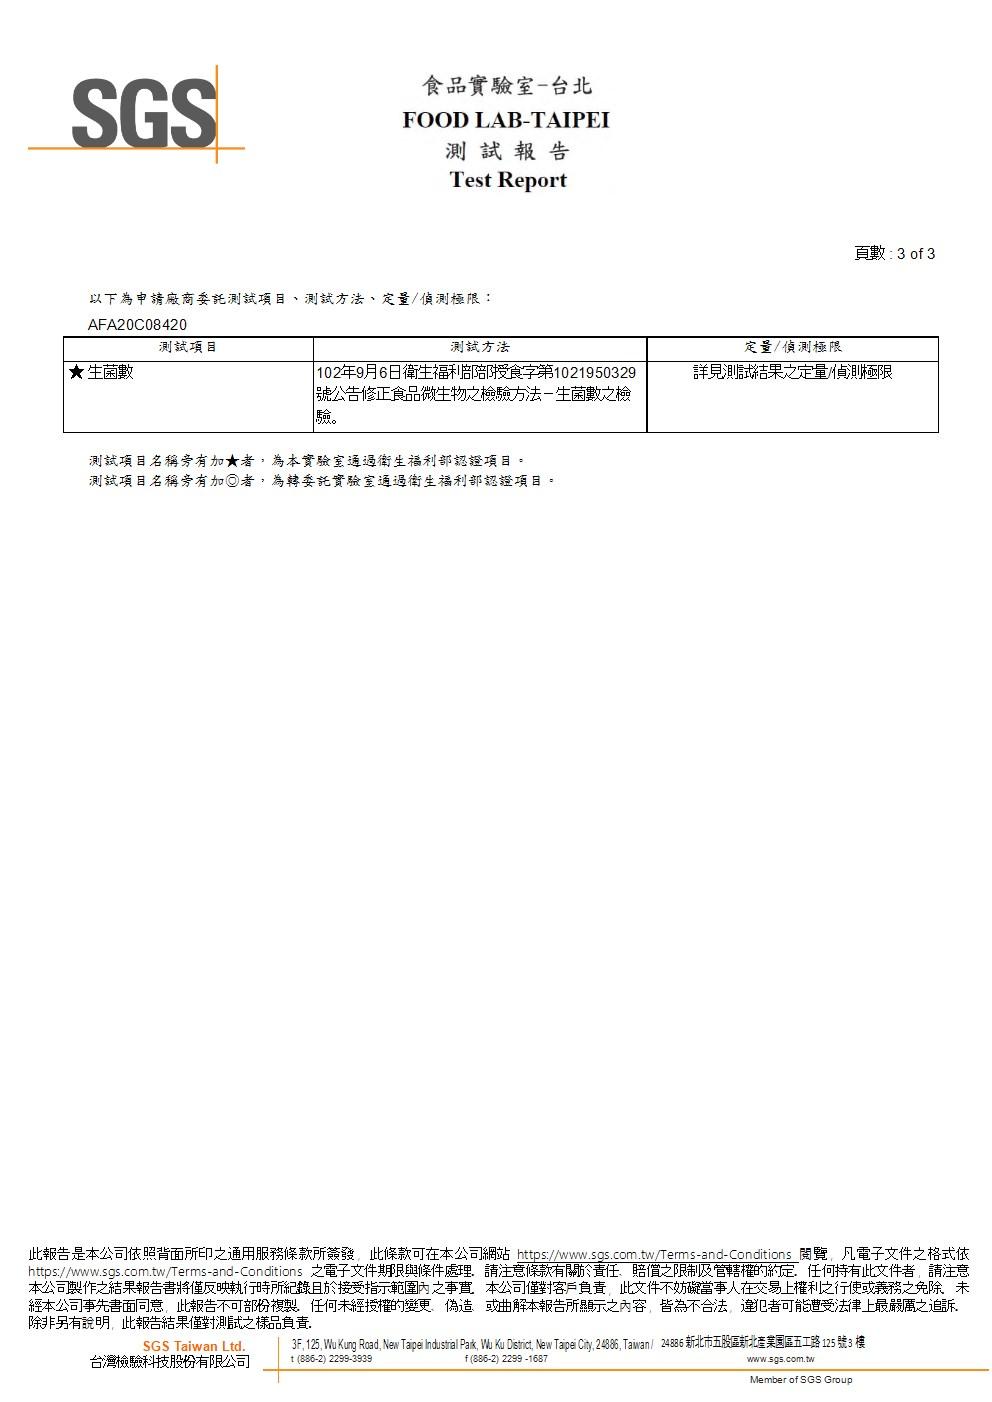 綜合起司絲 生菌數20210107-3